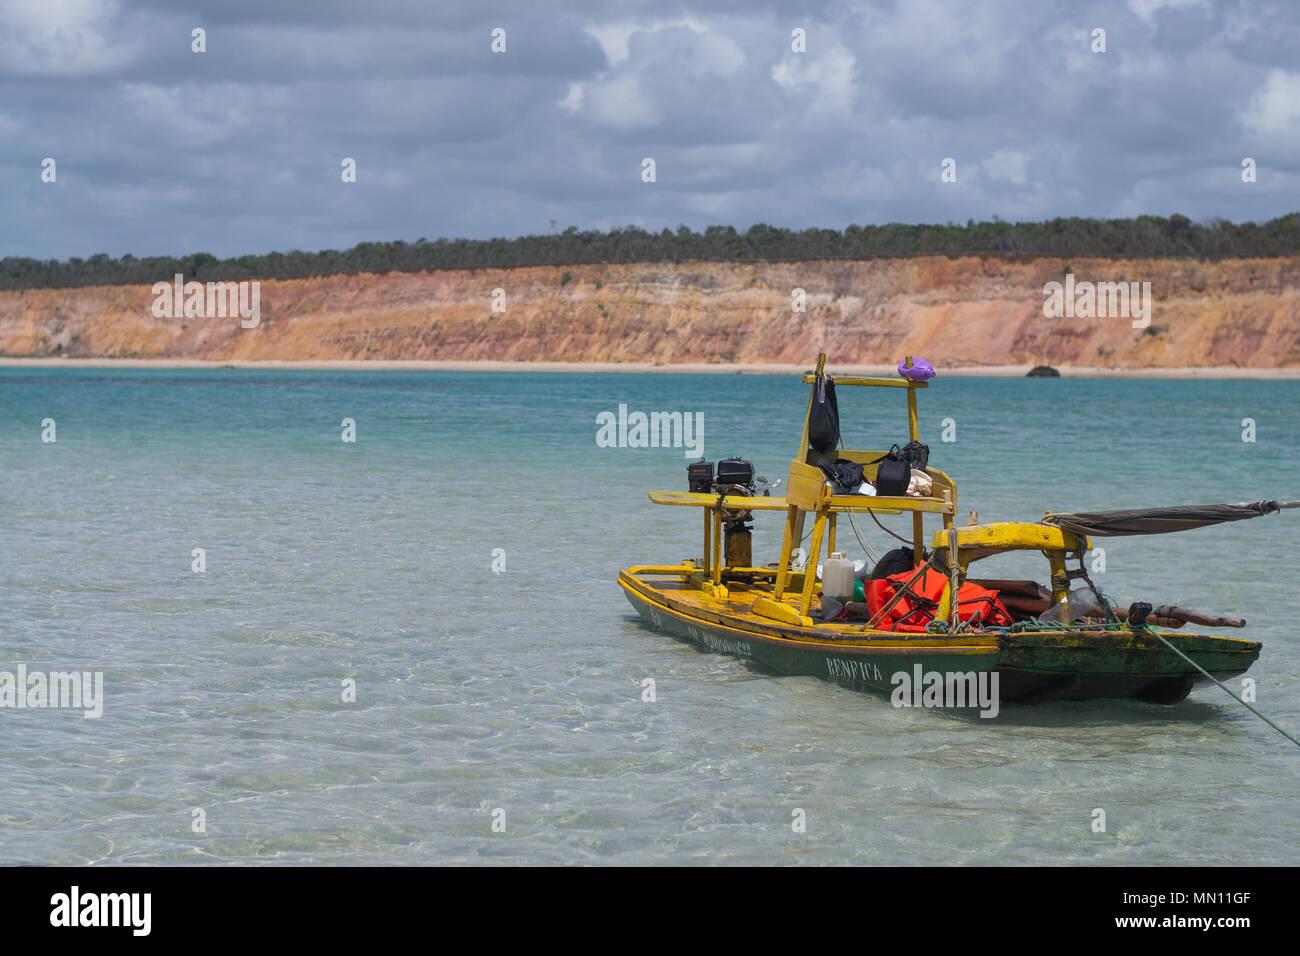 Praia do Carro Quebrado, Alagoas, Brasil Imagen De Stock